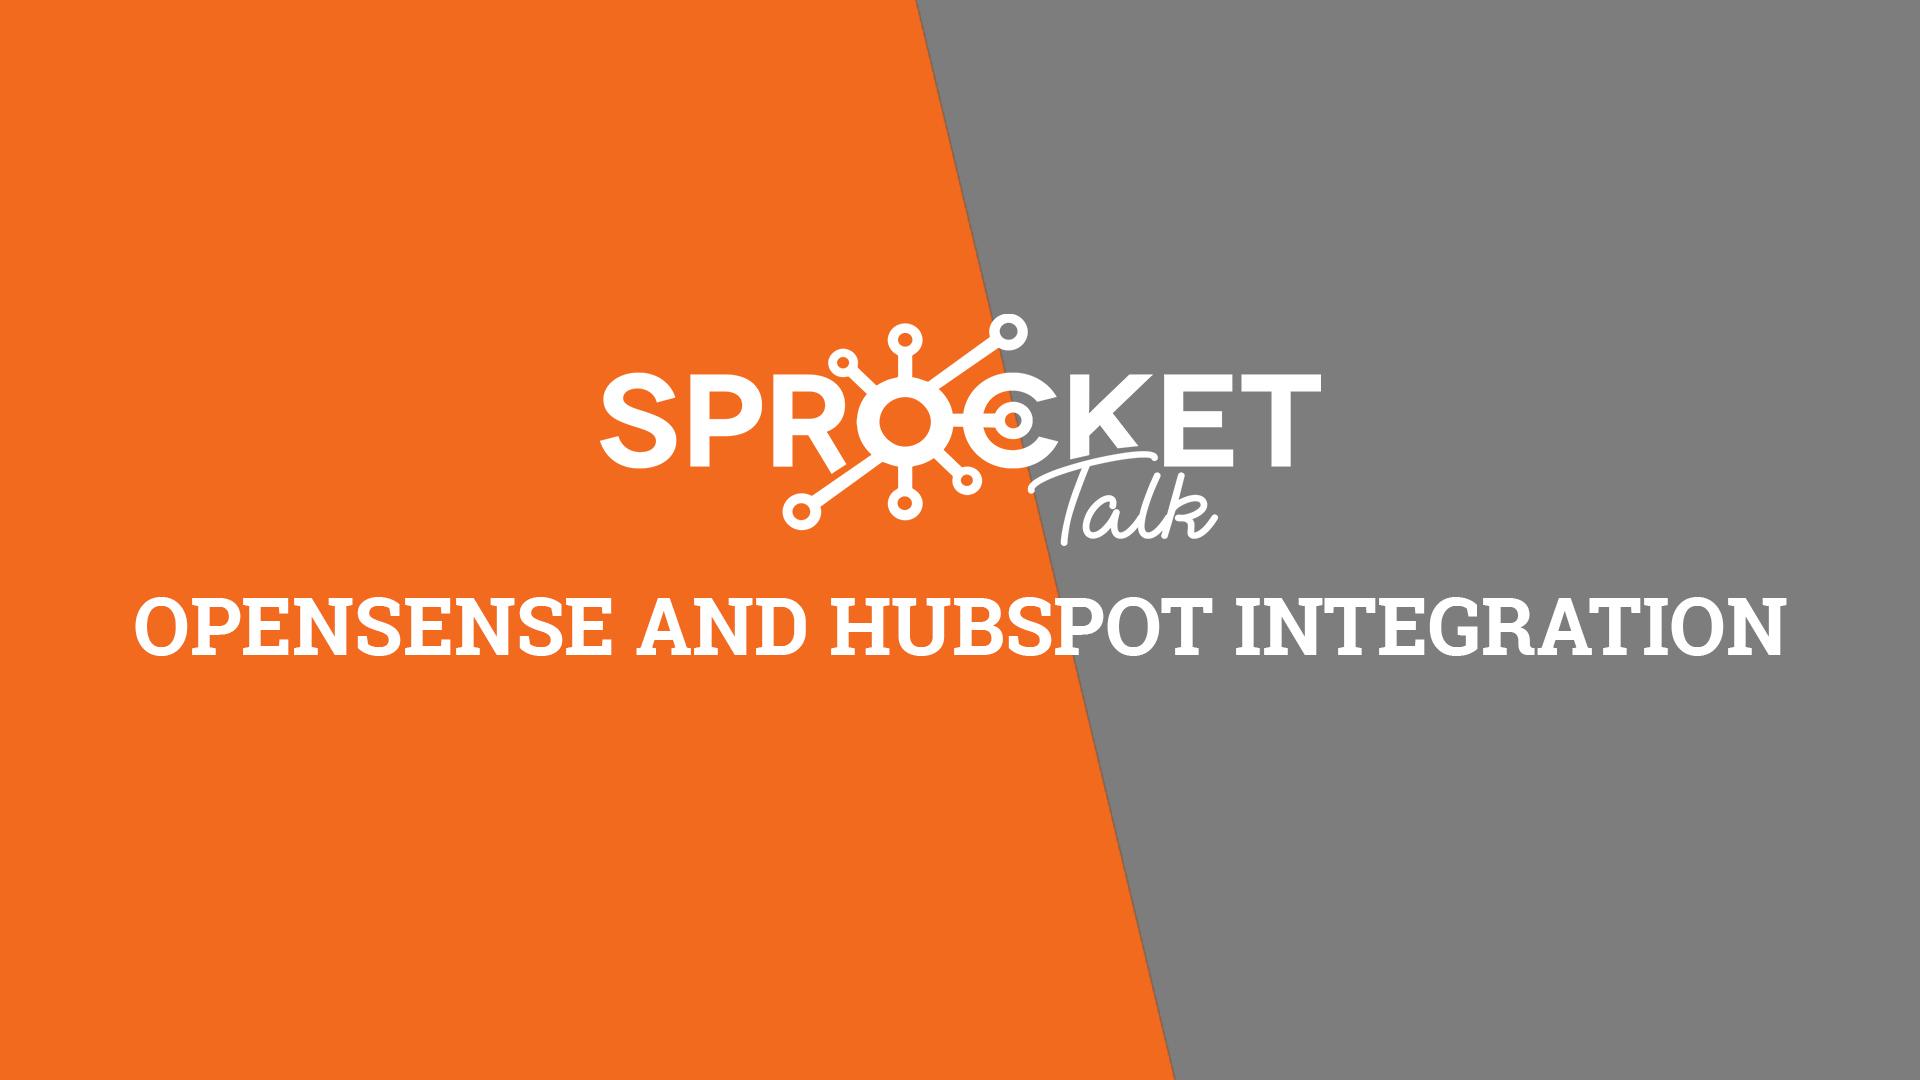 Opensense and HubSpot Integration